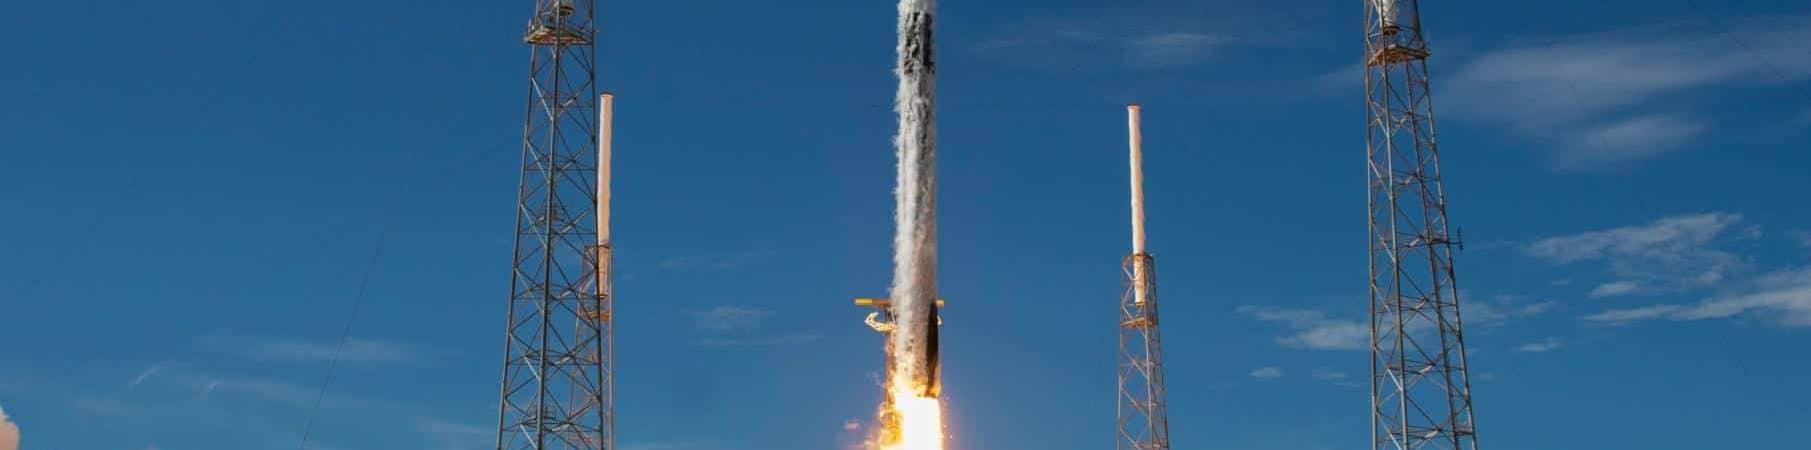 Lançamento de um foguete Falcon 9